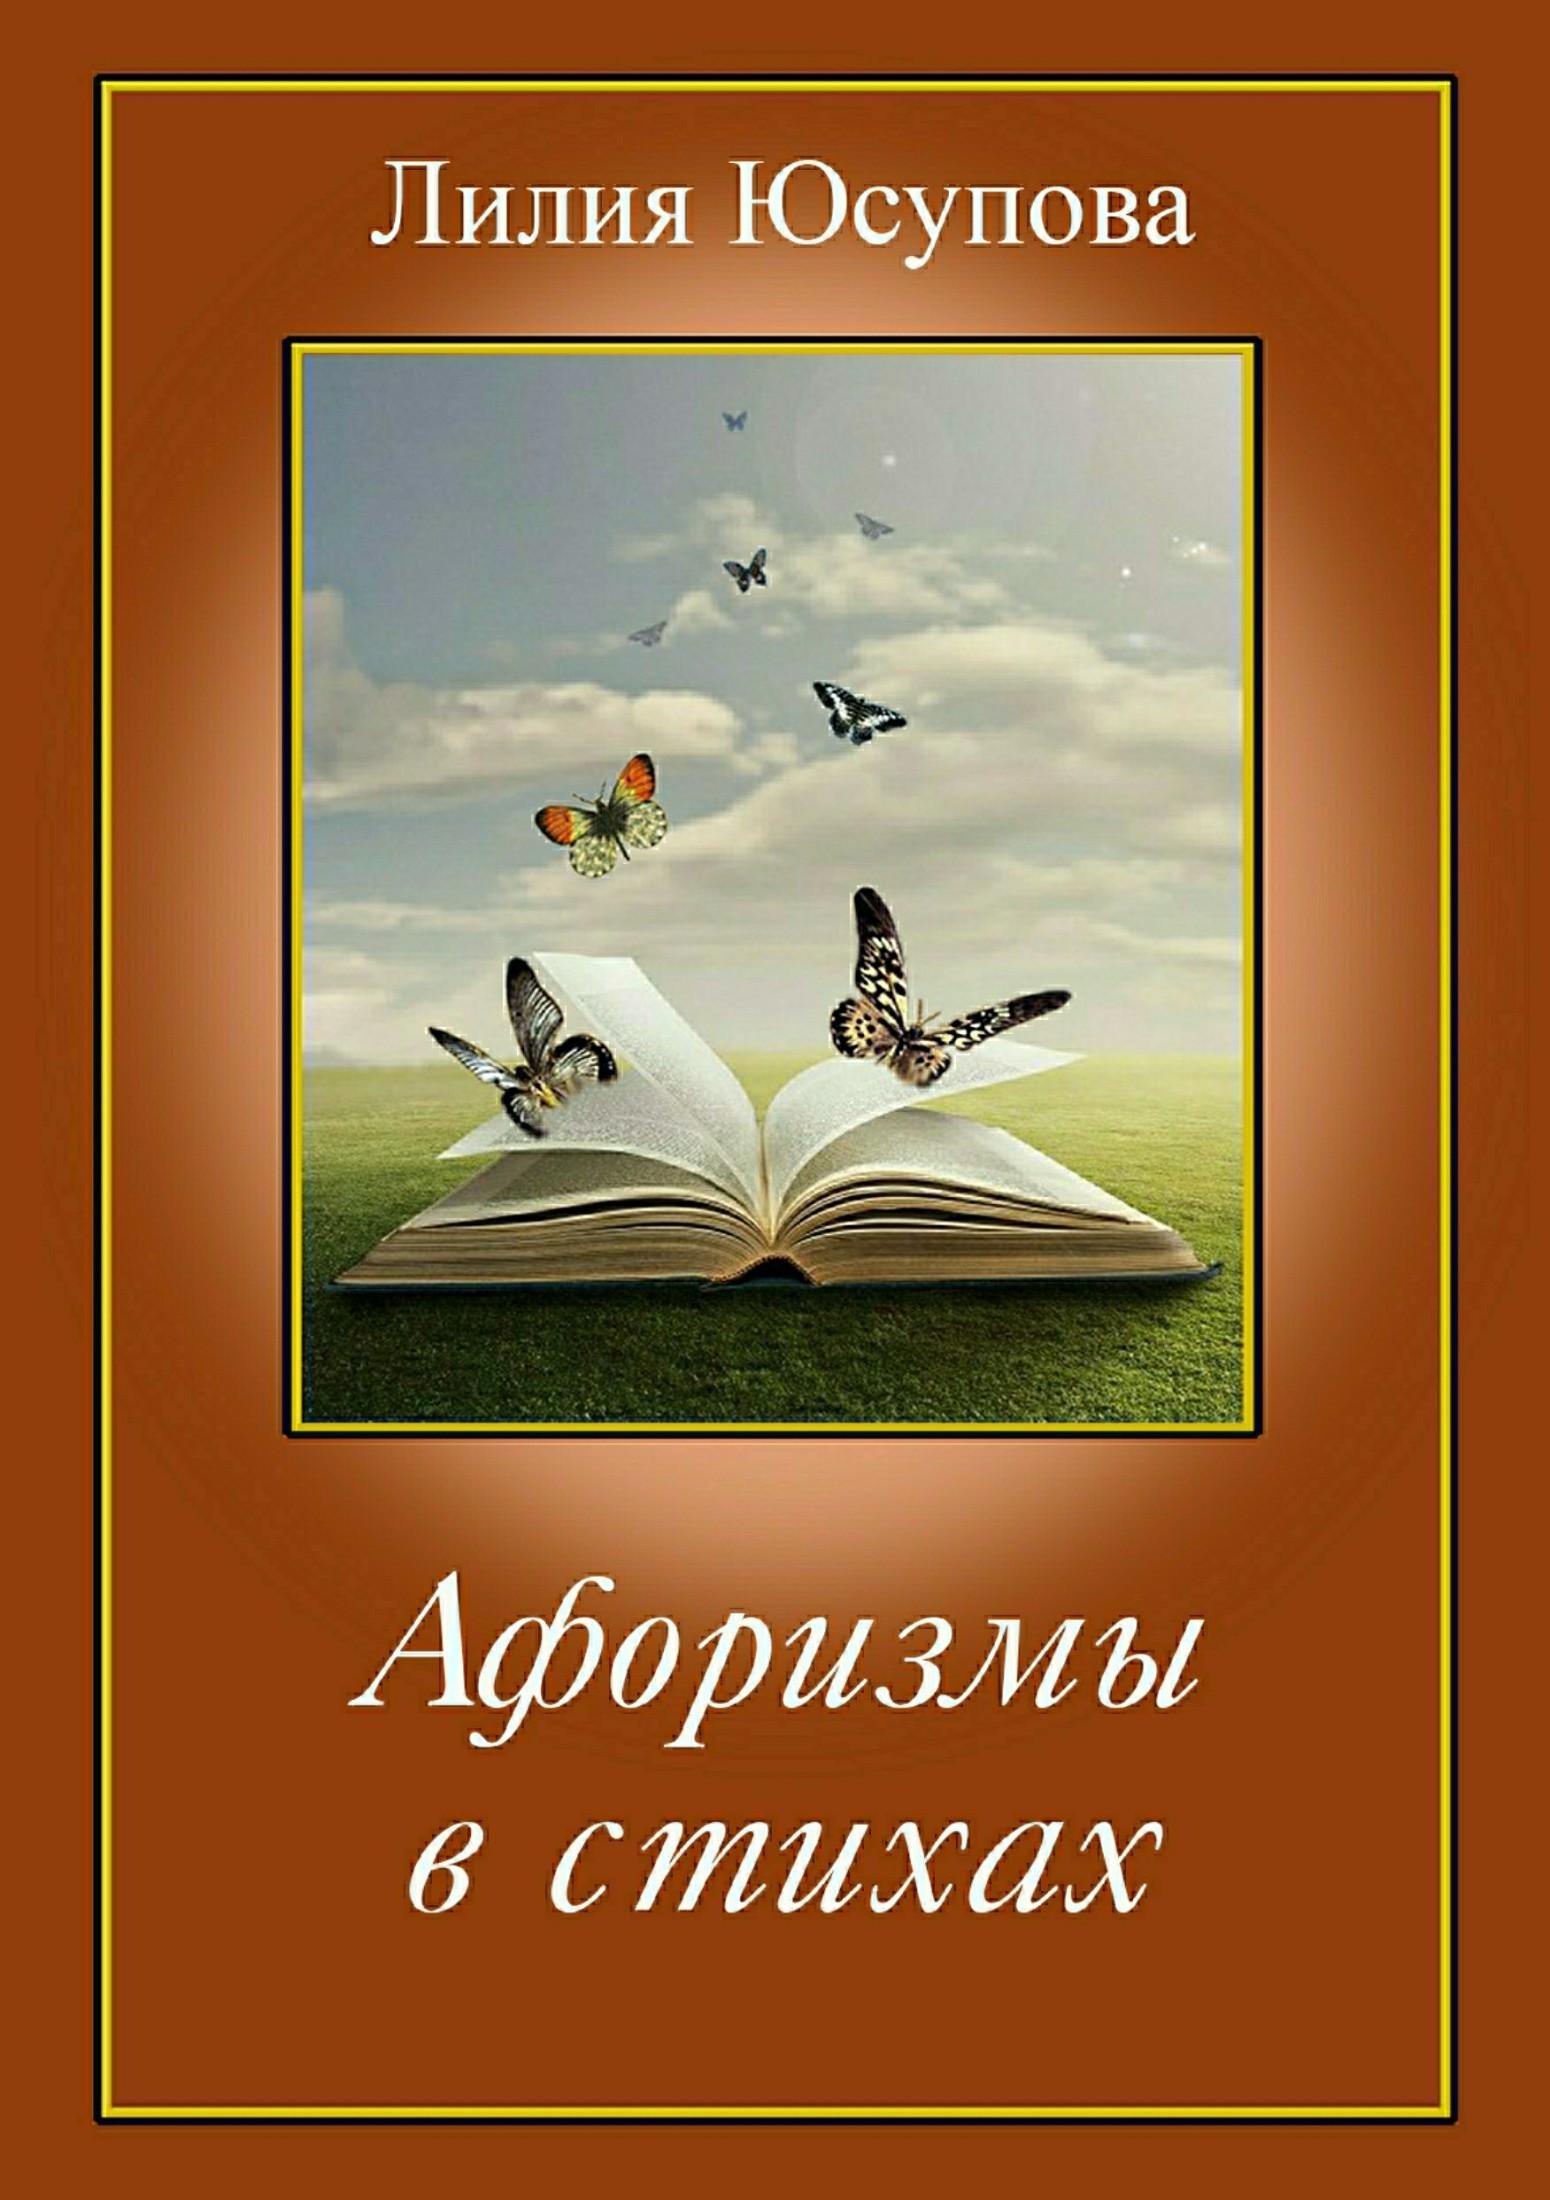 Афоризмы в стихах